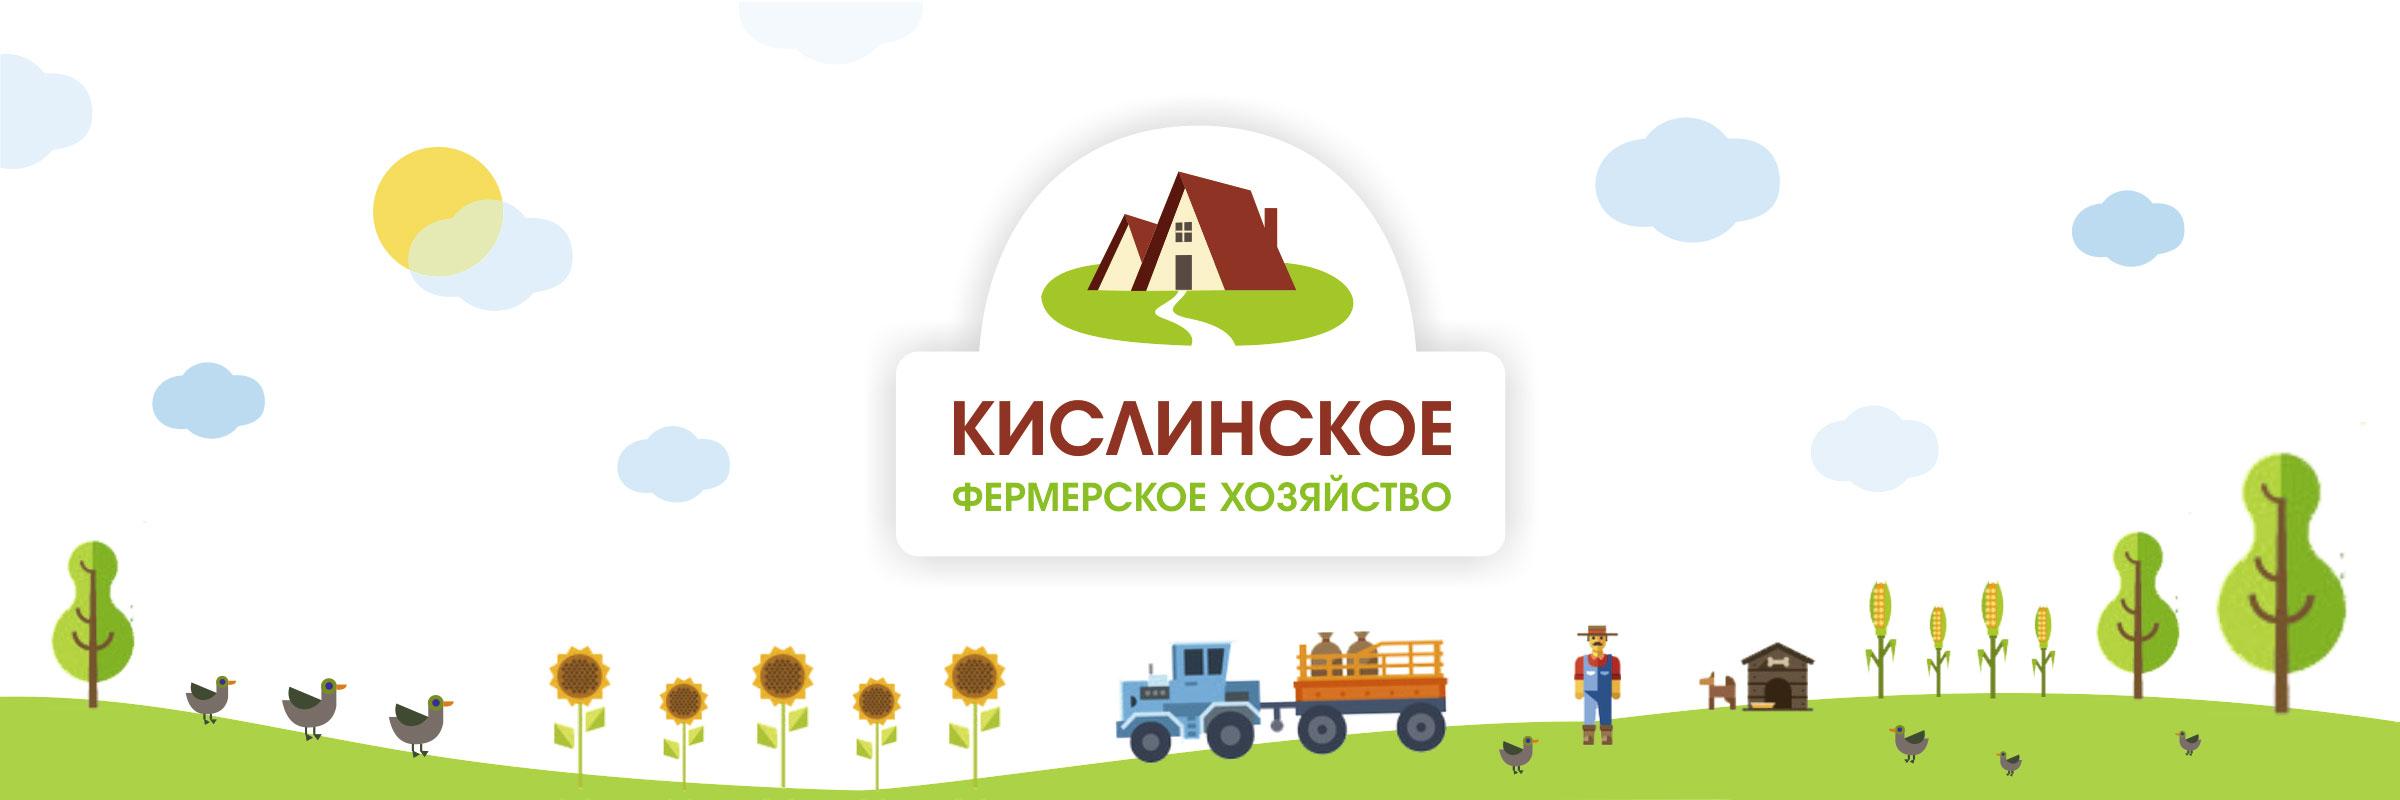 фермерское хозяйство 'Кислинcкое - фермерское хозяйство' в Смоленске. Главная страница